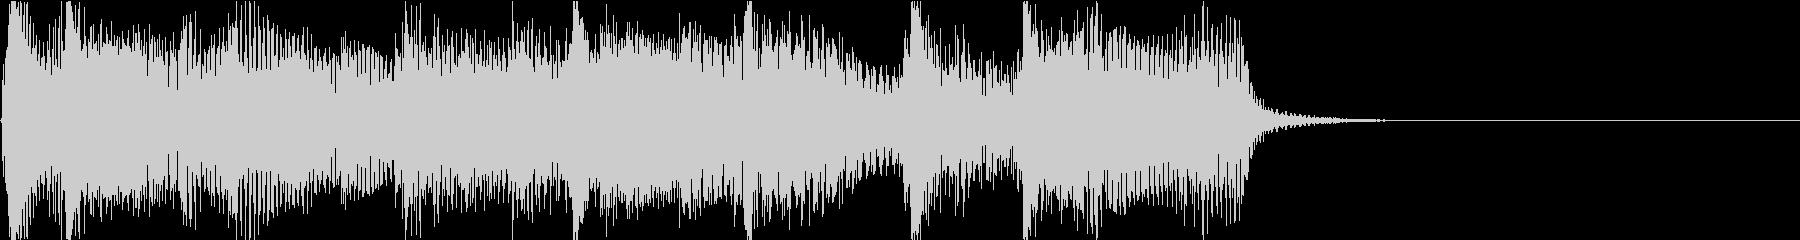 ほのぼの感満載なアイキャッチの未再生の波形